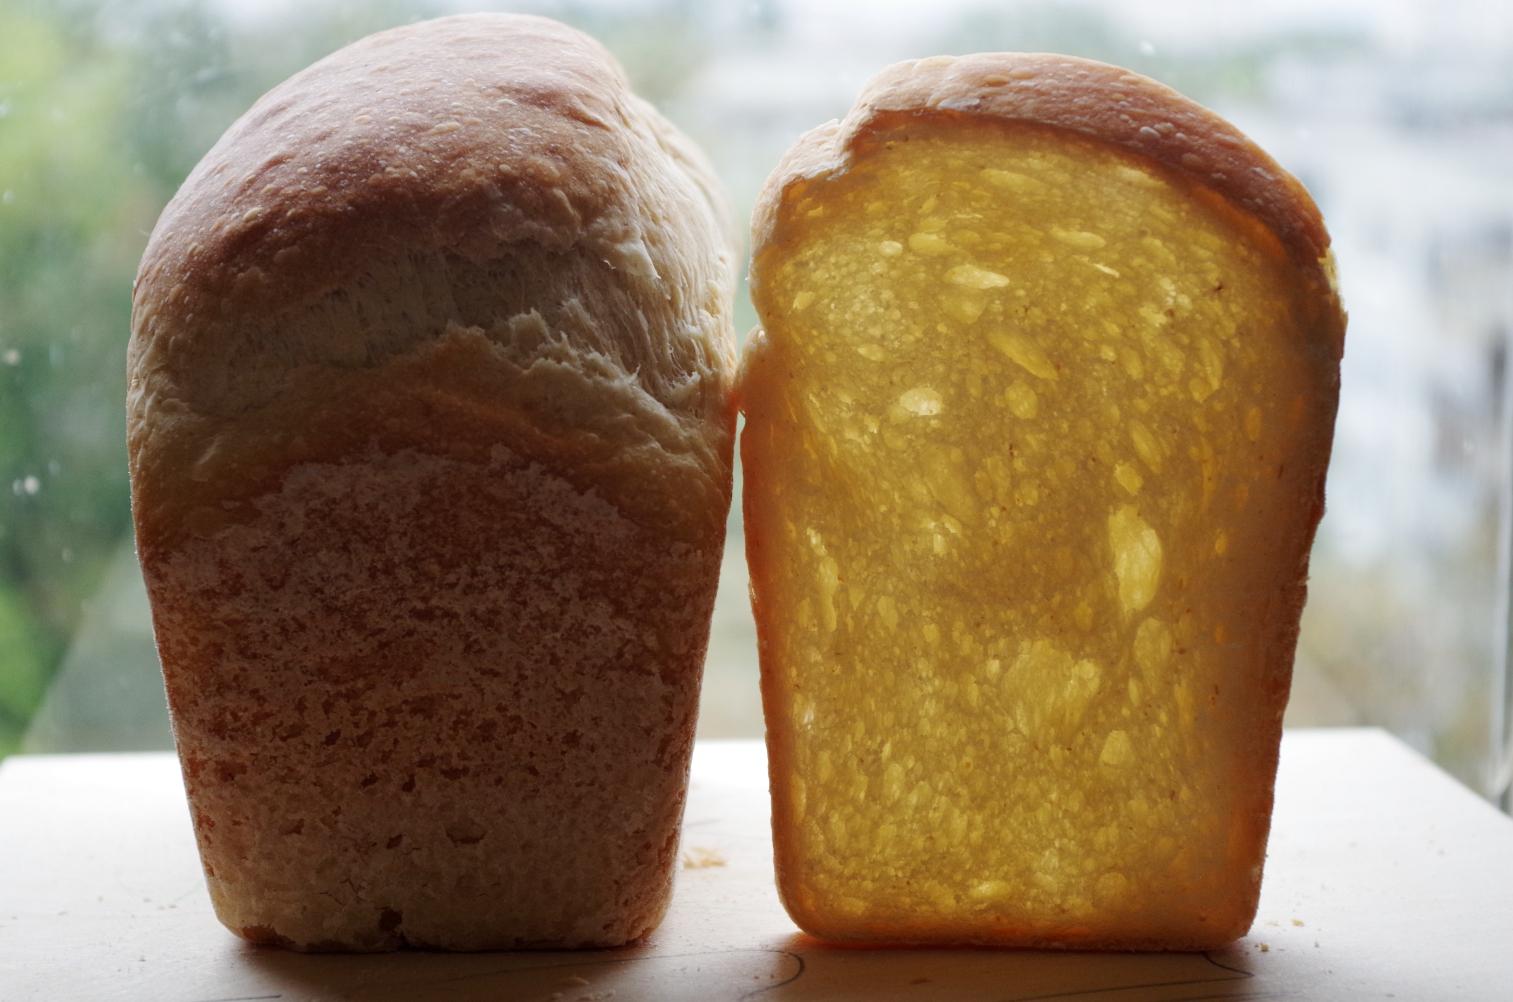 Добавки масла в хлебное тесто (как сделать хлеб мягким)